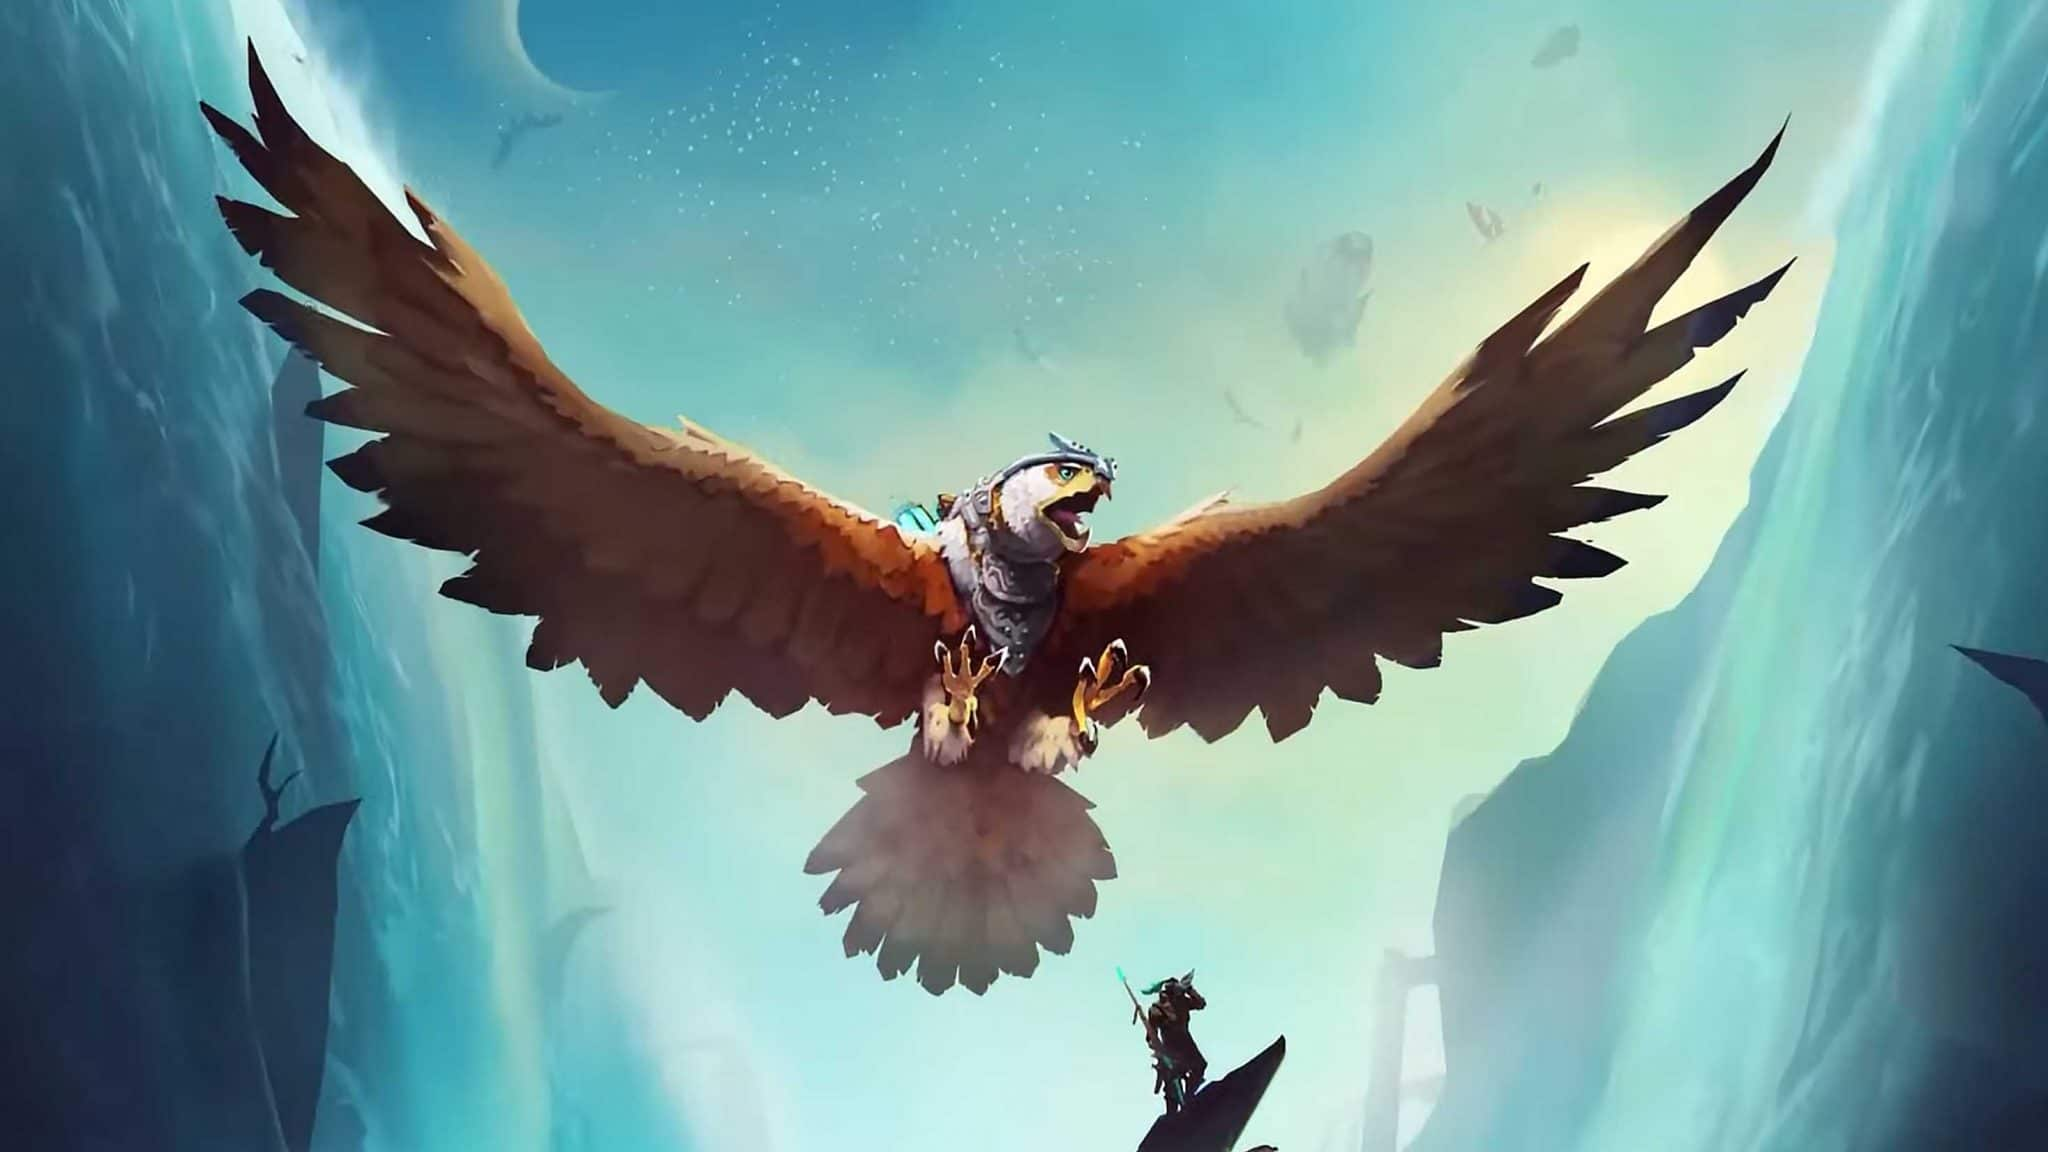 The Falconeer: El Galardonado juego ya se encuentra disponible en Amazon Luna 1